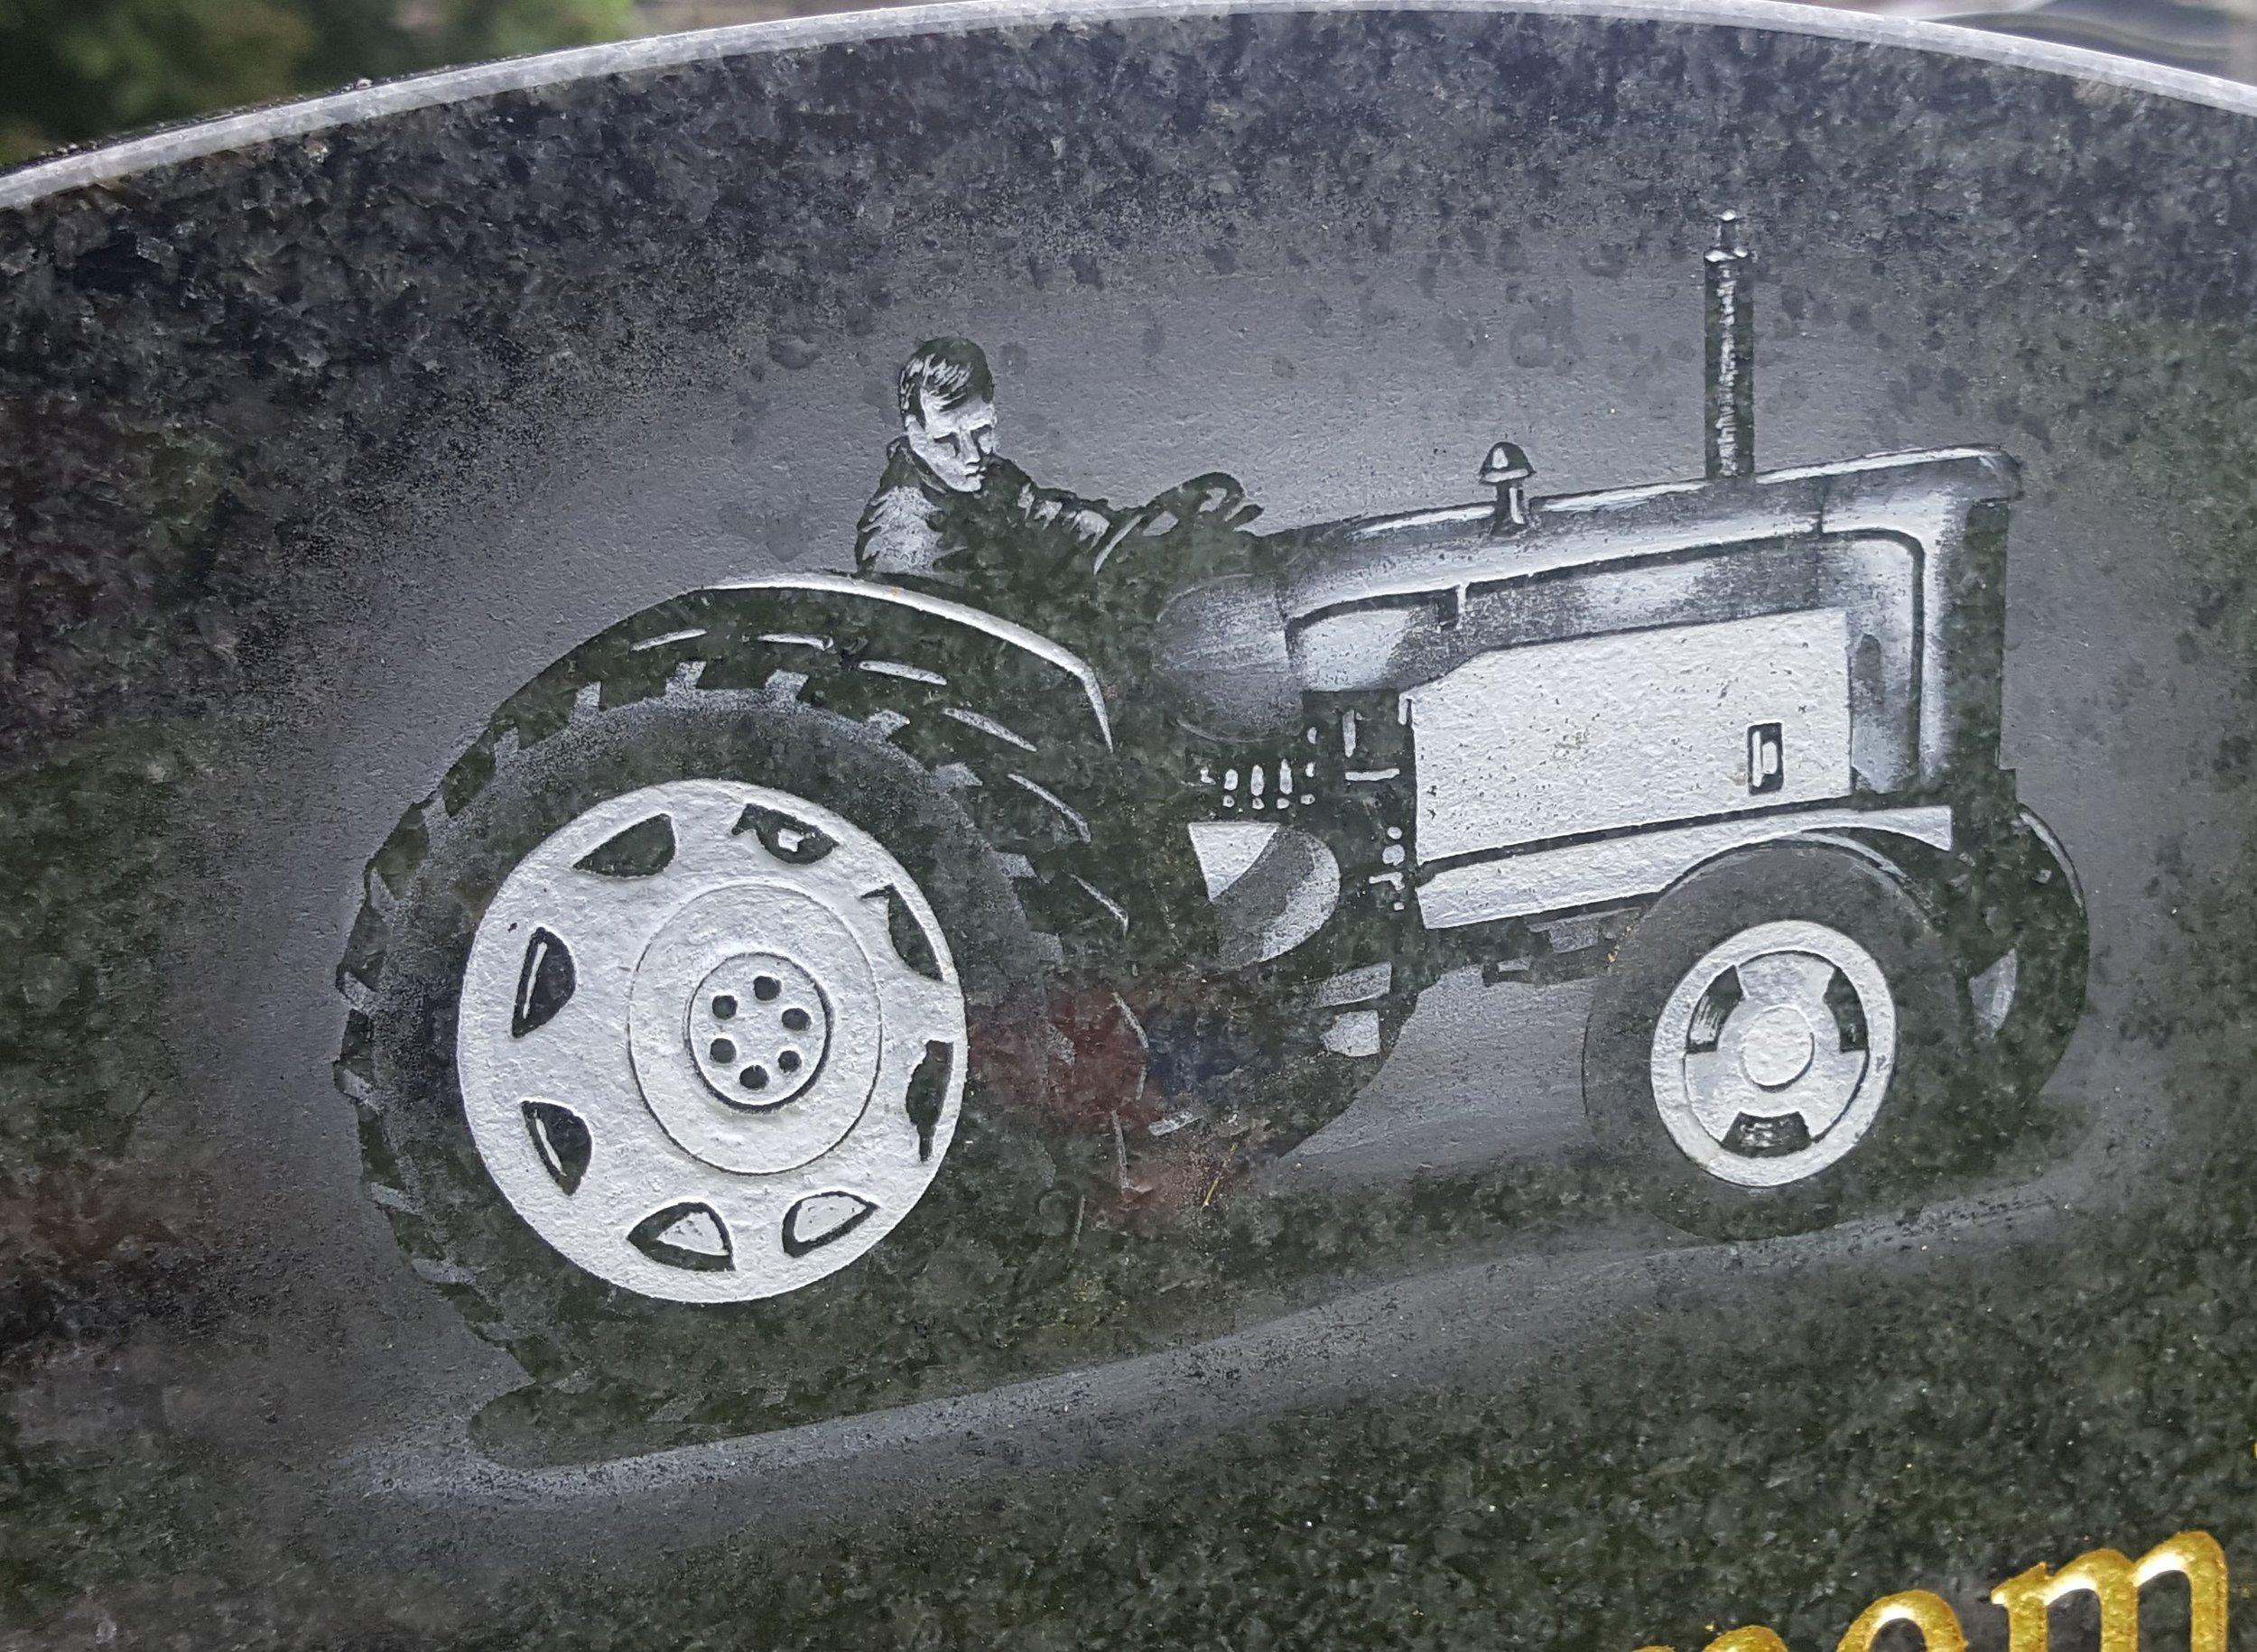 Monochrome tractor